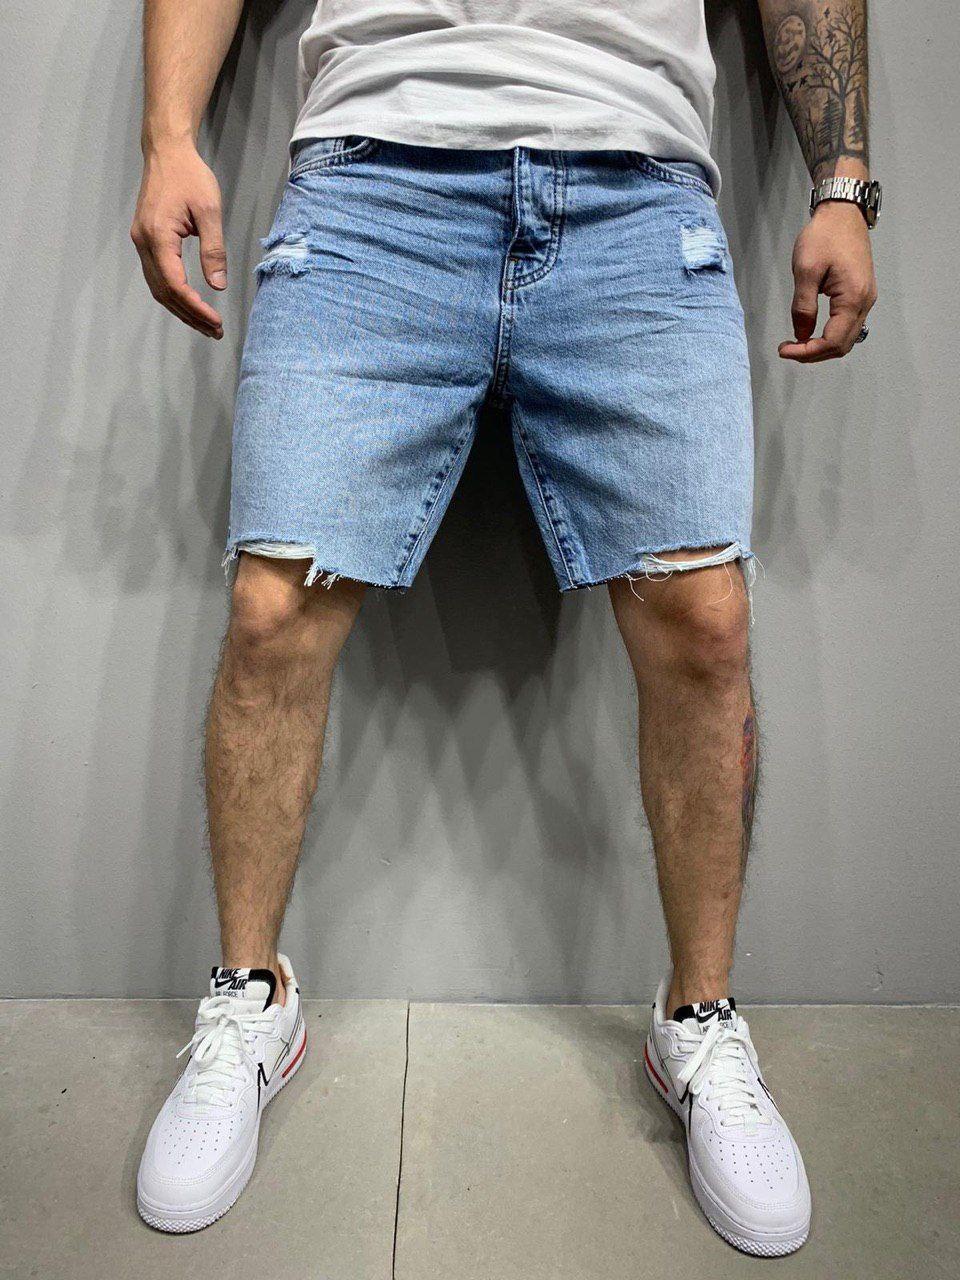 Шорти чоловічі джинсові блакитні рвані вільні